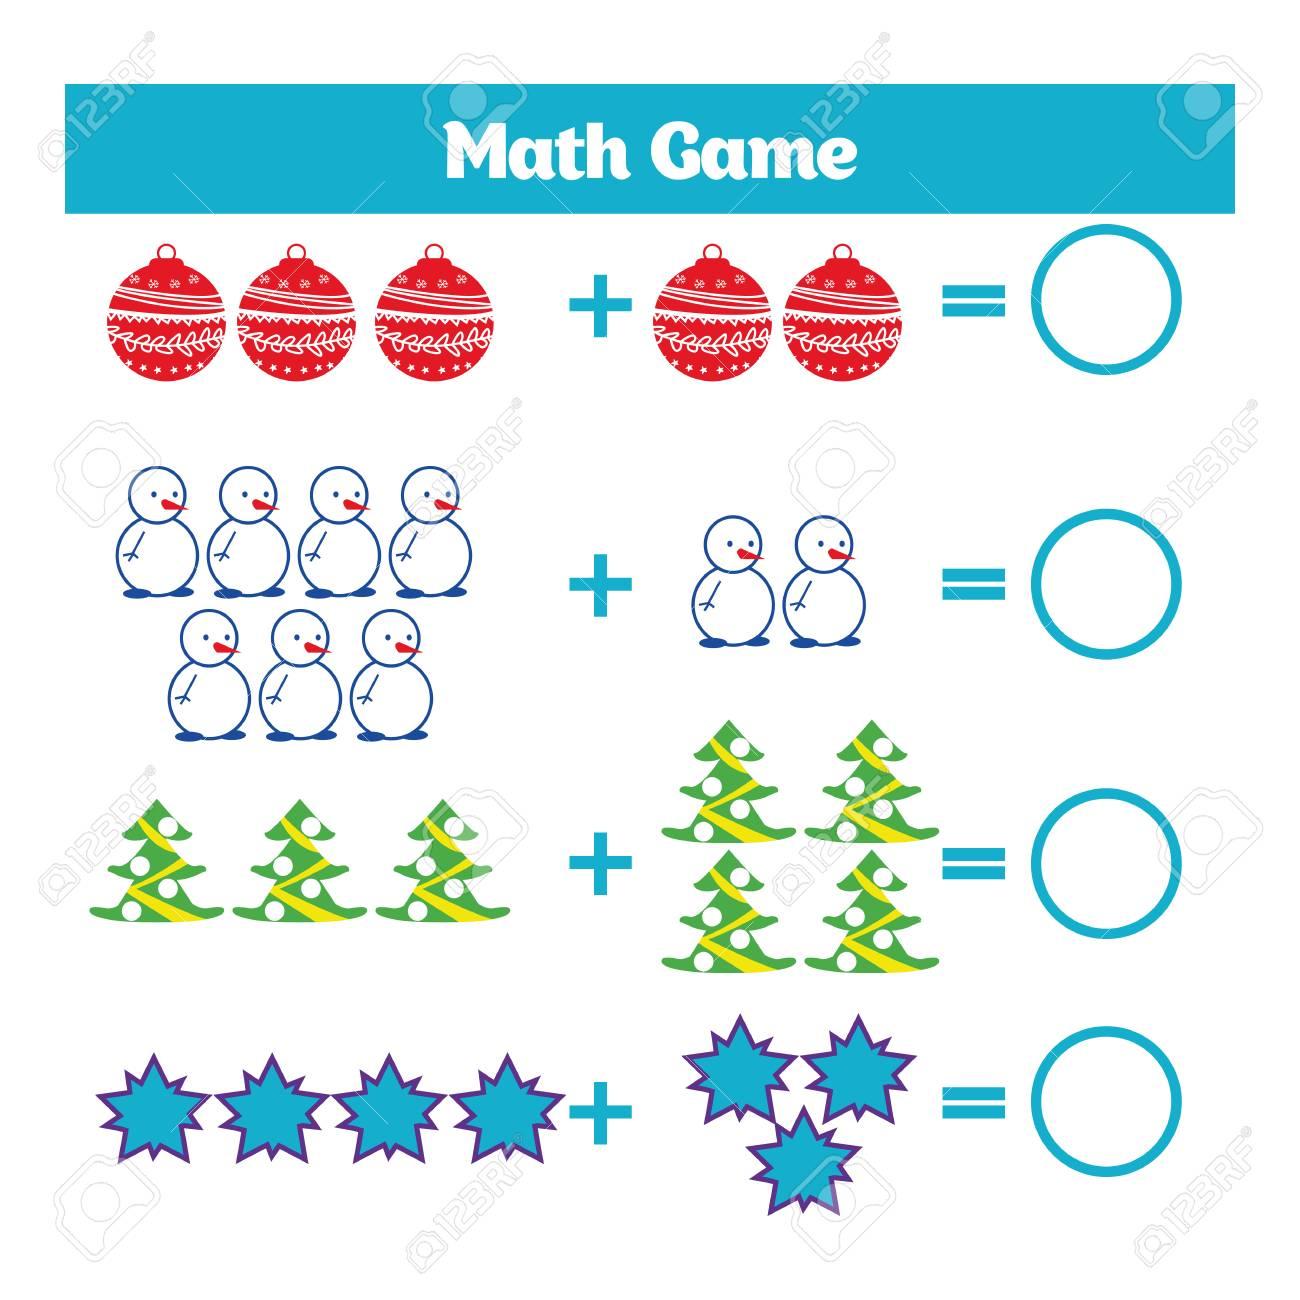 2bc9851defc9 Foto de archivo - Juego educativo matemático para niños. Hoja de trabajo de  resta de aprendizaje para niños, actividad de conteo. Ilustración vectorial